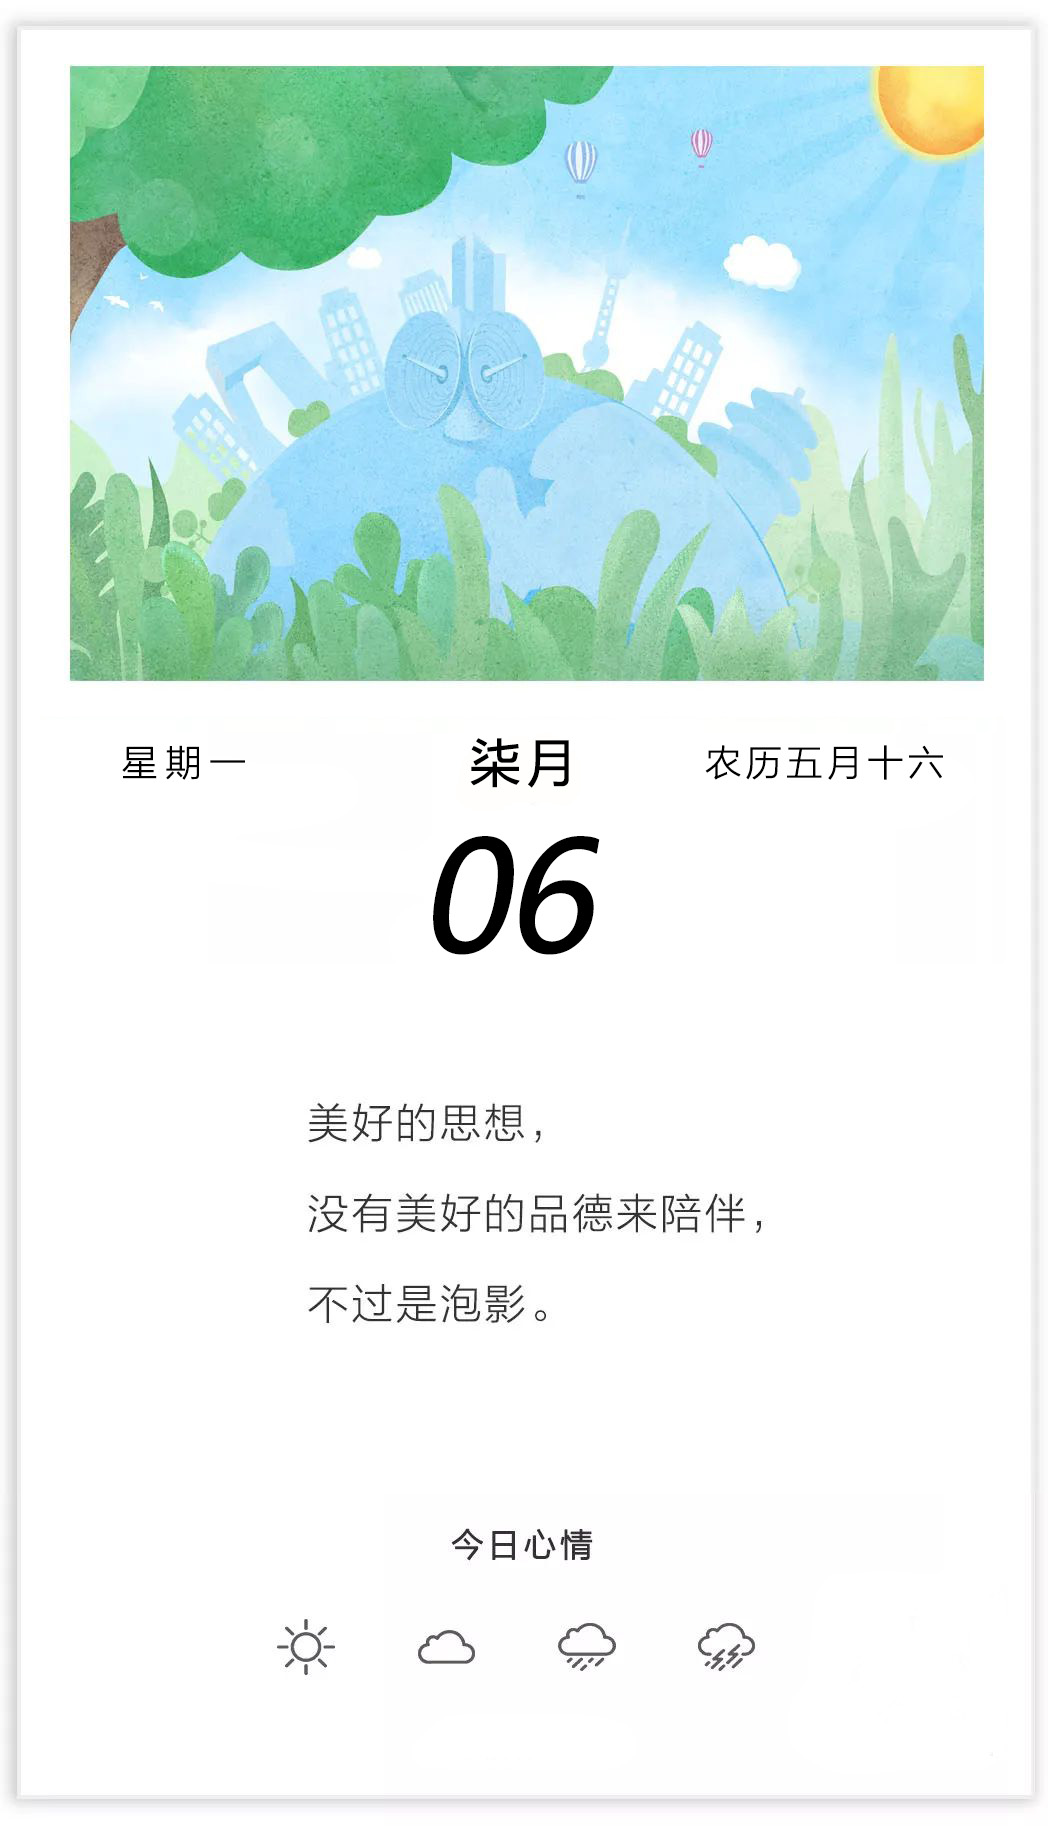 7月6日新周正能量励志早安心语日签图片:未尘埃落定,就殊死一搏!